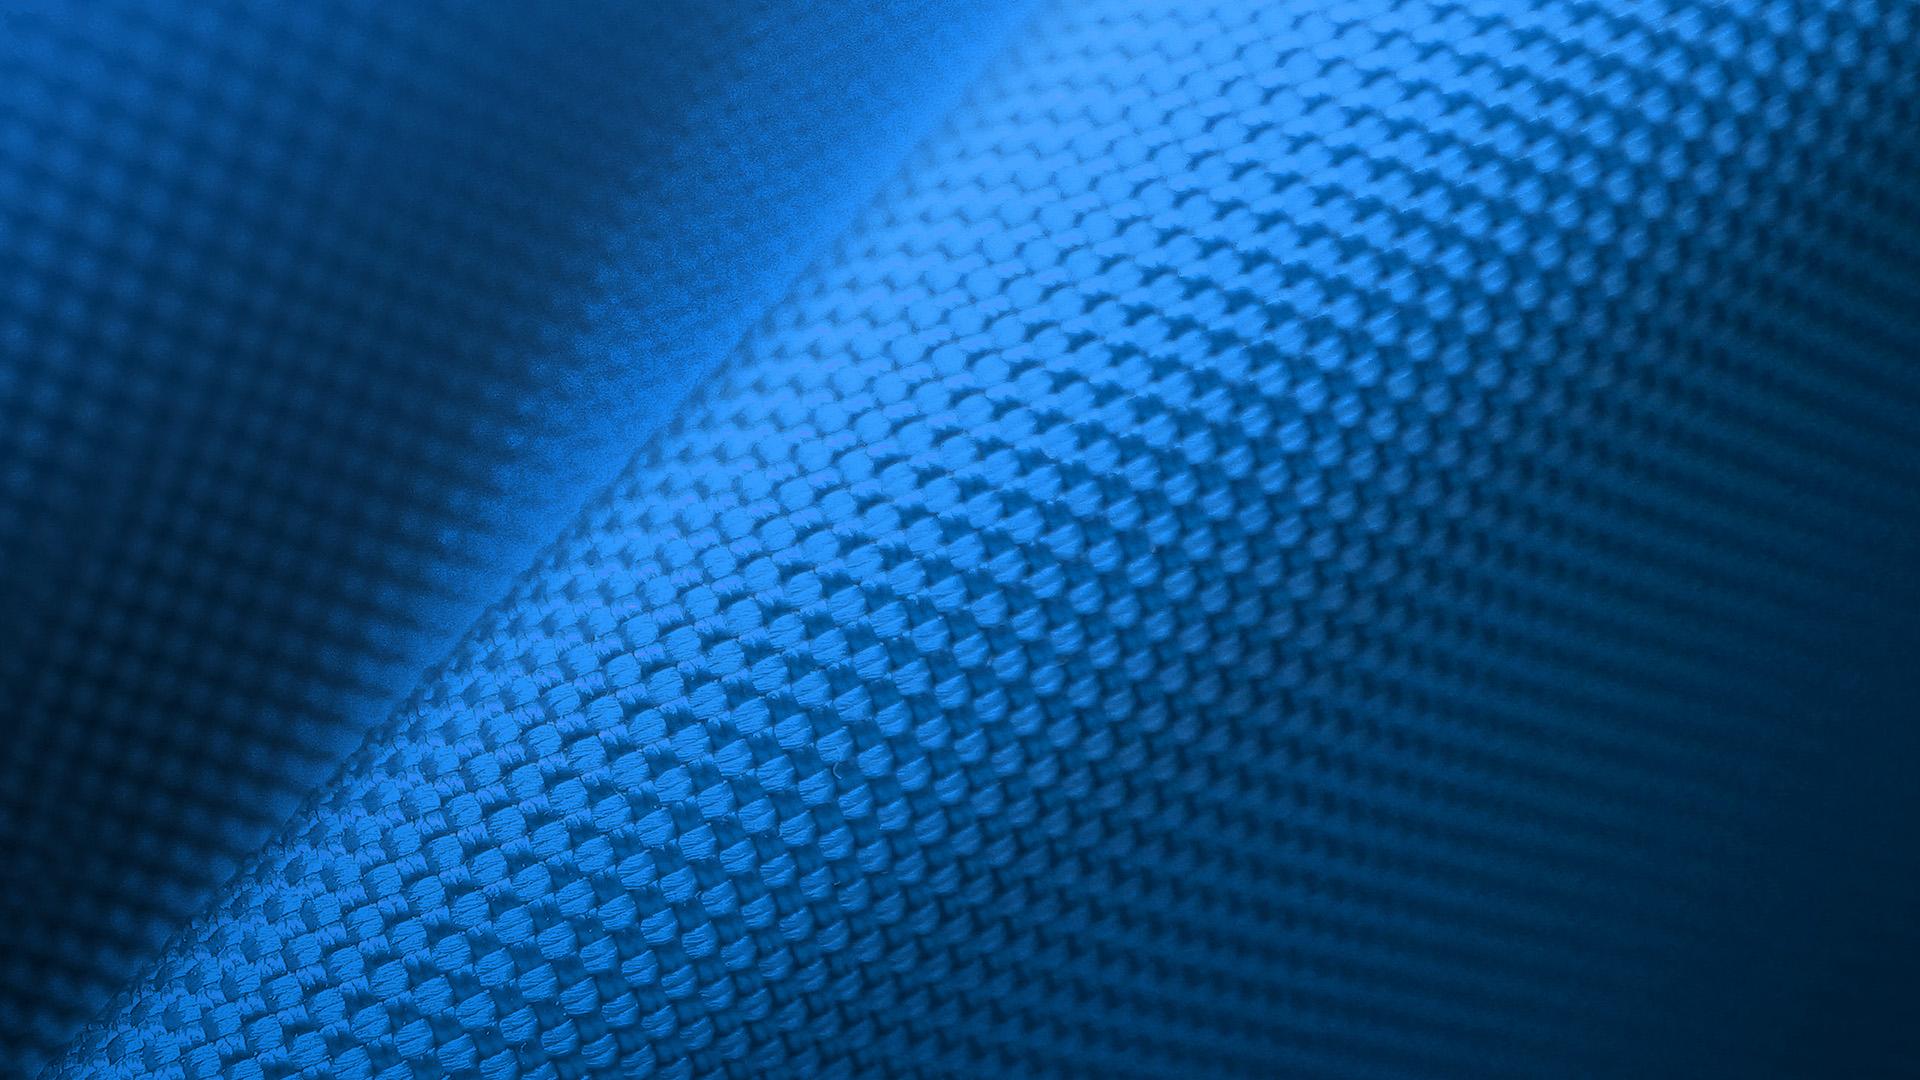 Iphone 5 Wallpaper Gold Wallpaper For Desktop Laptop Vn01 Blue Silk Pattern